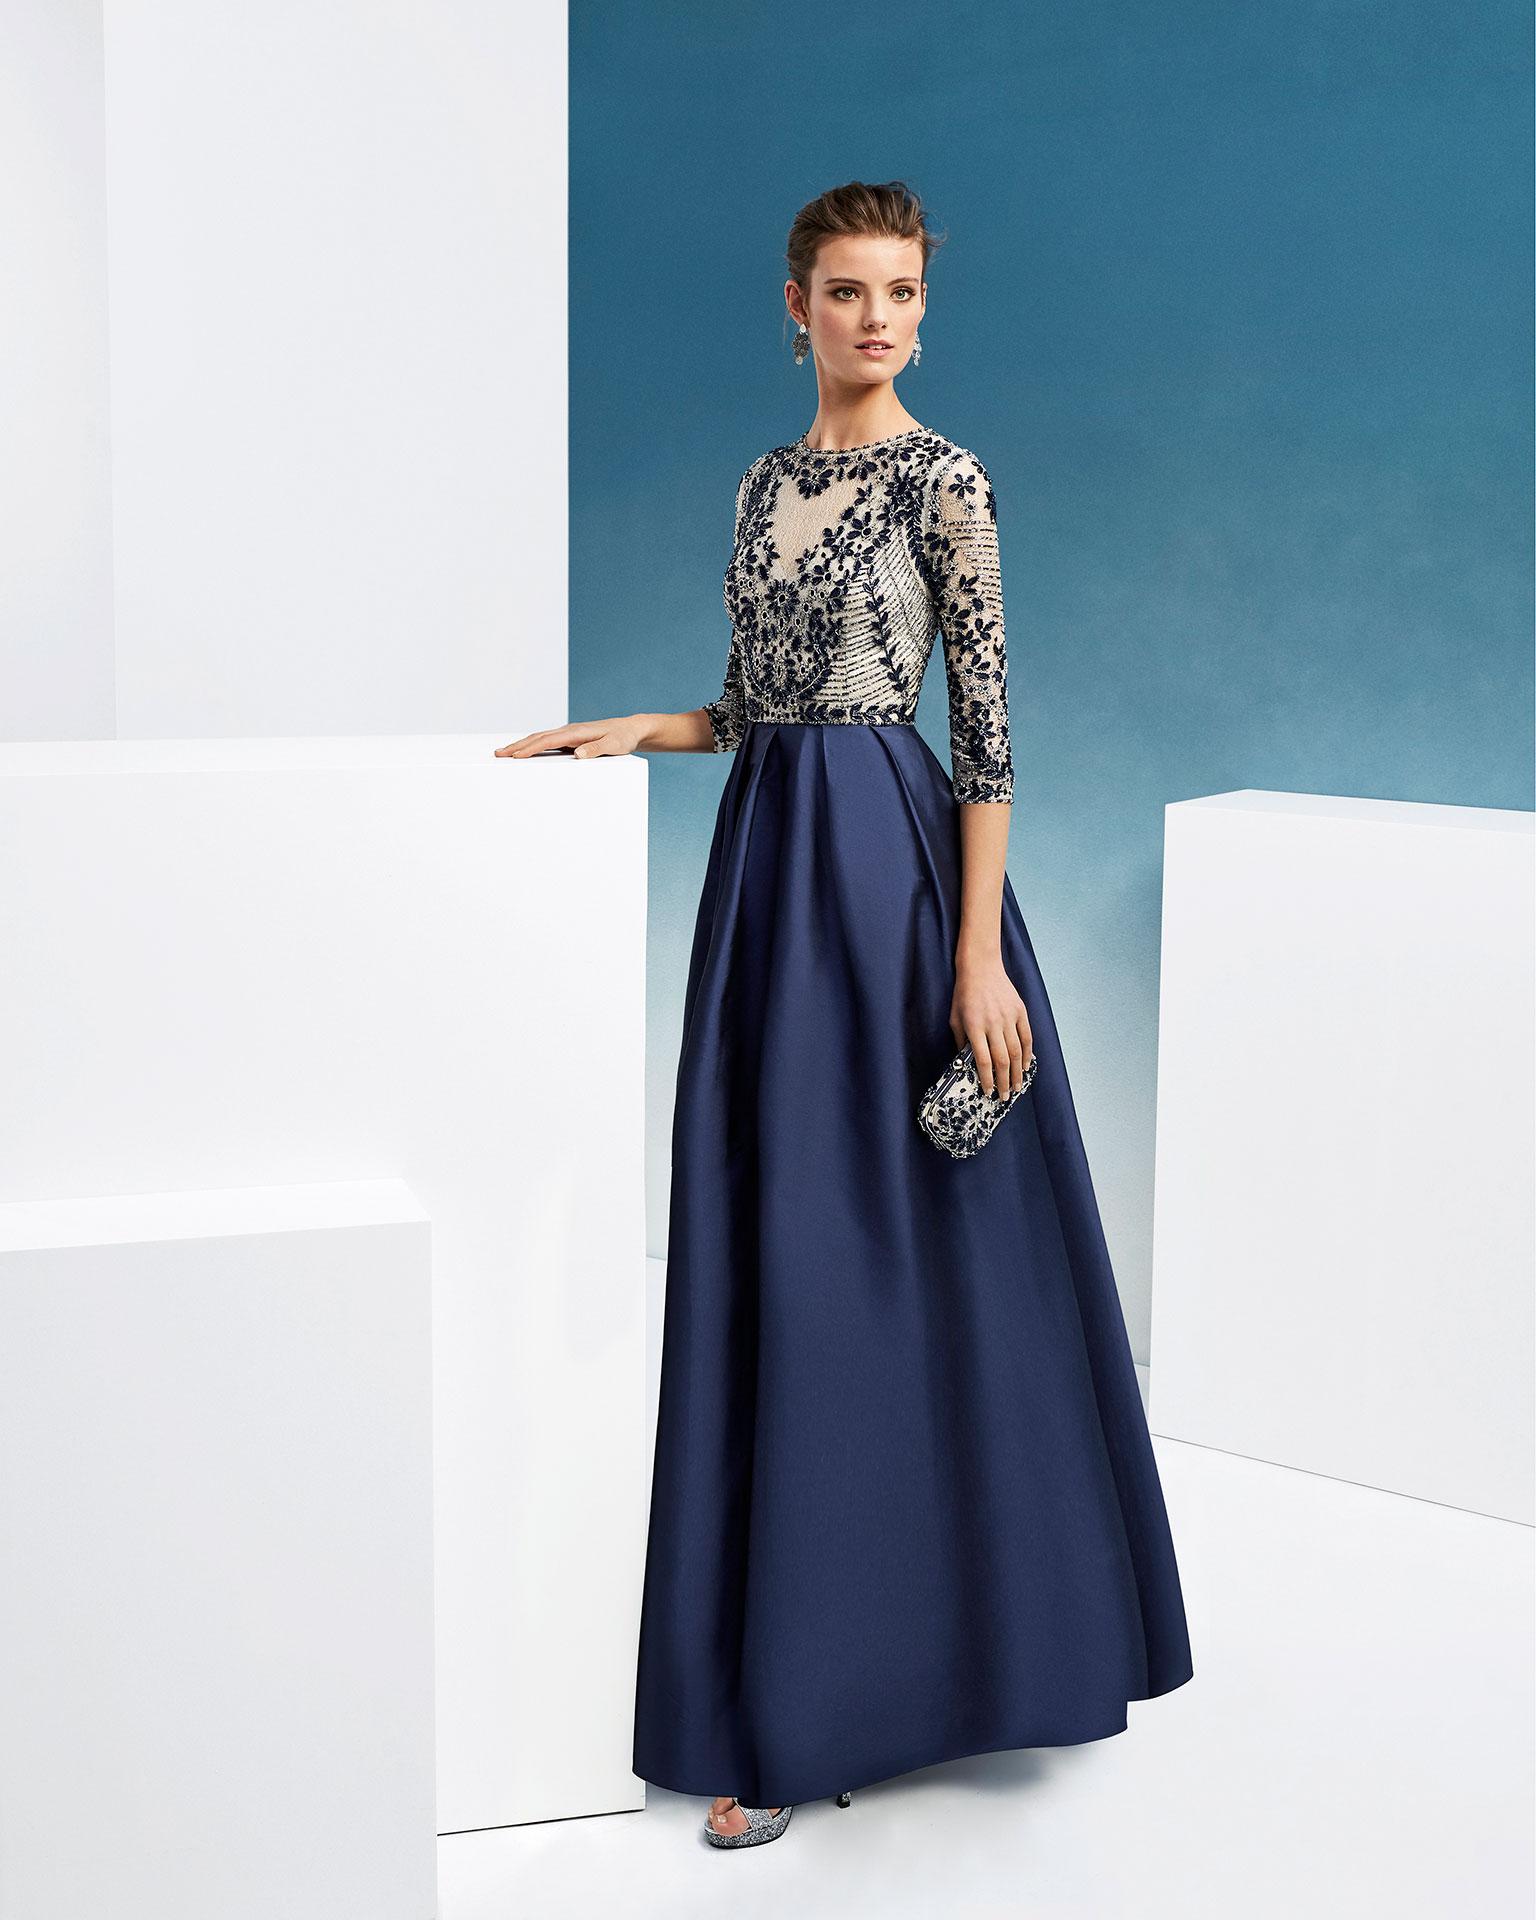 .2019 مجموعة فساتين FIESTA AIRE BARCELONA فستان لحفل الكوكتيل ذو تصميم كلاسيكي من التفتا المزيّن بالخرز. بكمّ ثلاثة أرباع وتقويرة عالية.